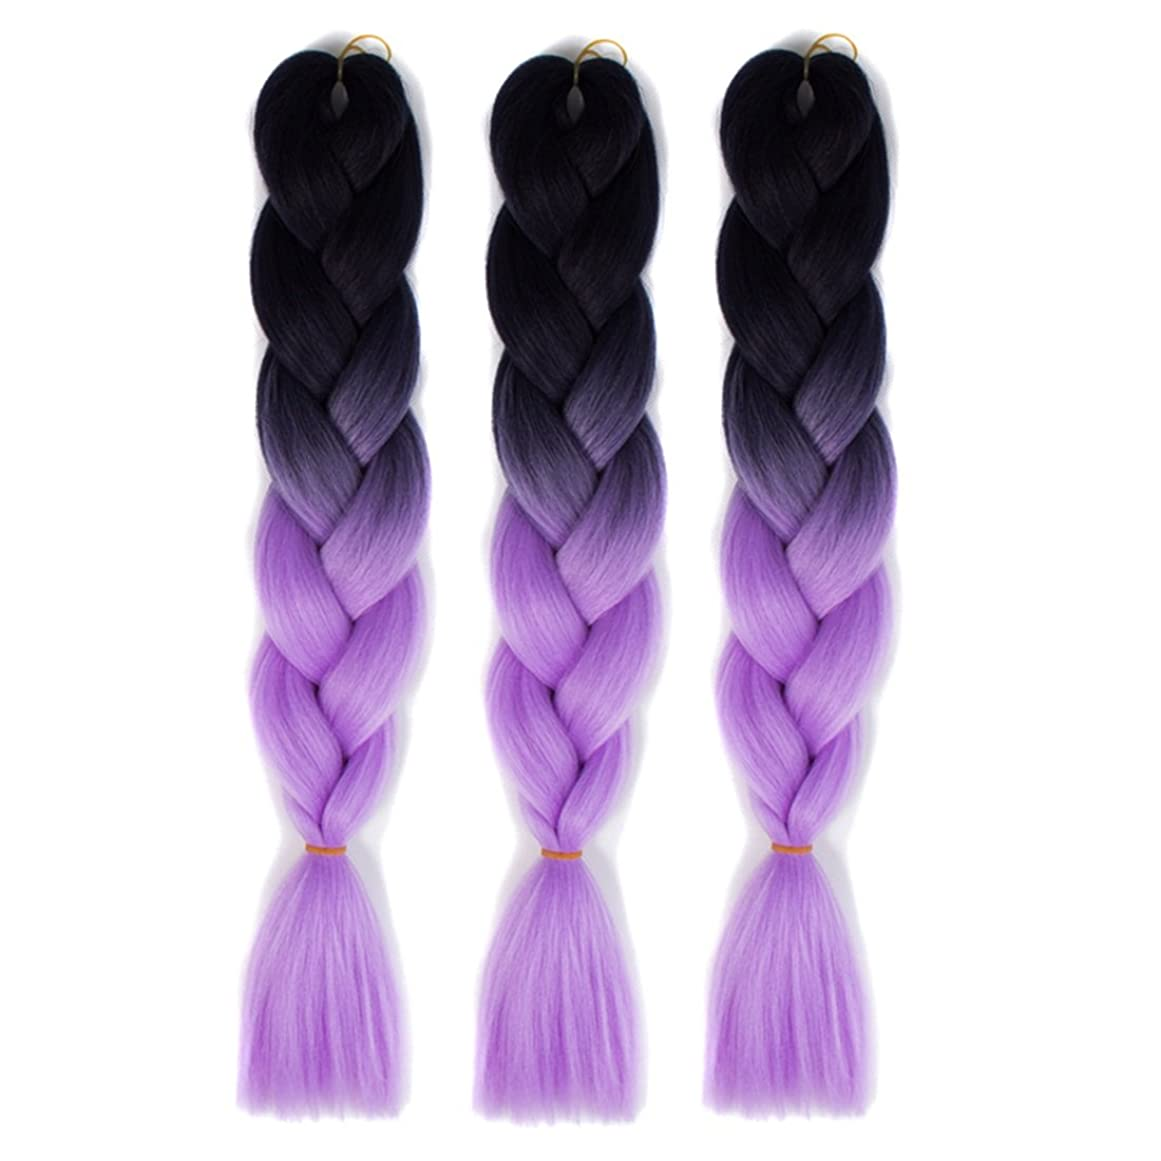 惨めなアカデミー発掘するKoloeplf 女性 化学繊維合成 編まれた かつら 人毛 エクステンション 編み髪 グラデーション ウィッグ (Color : Black light purple 1)